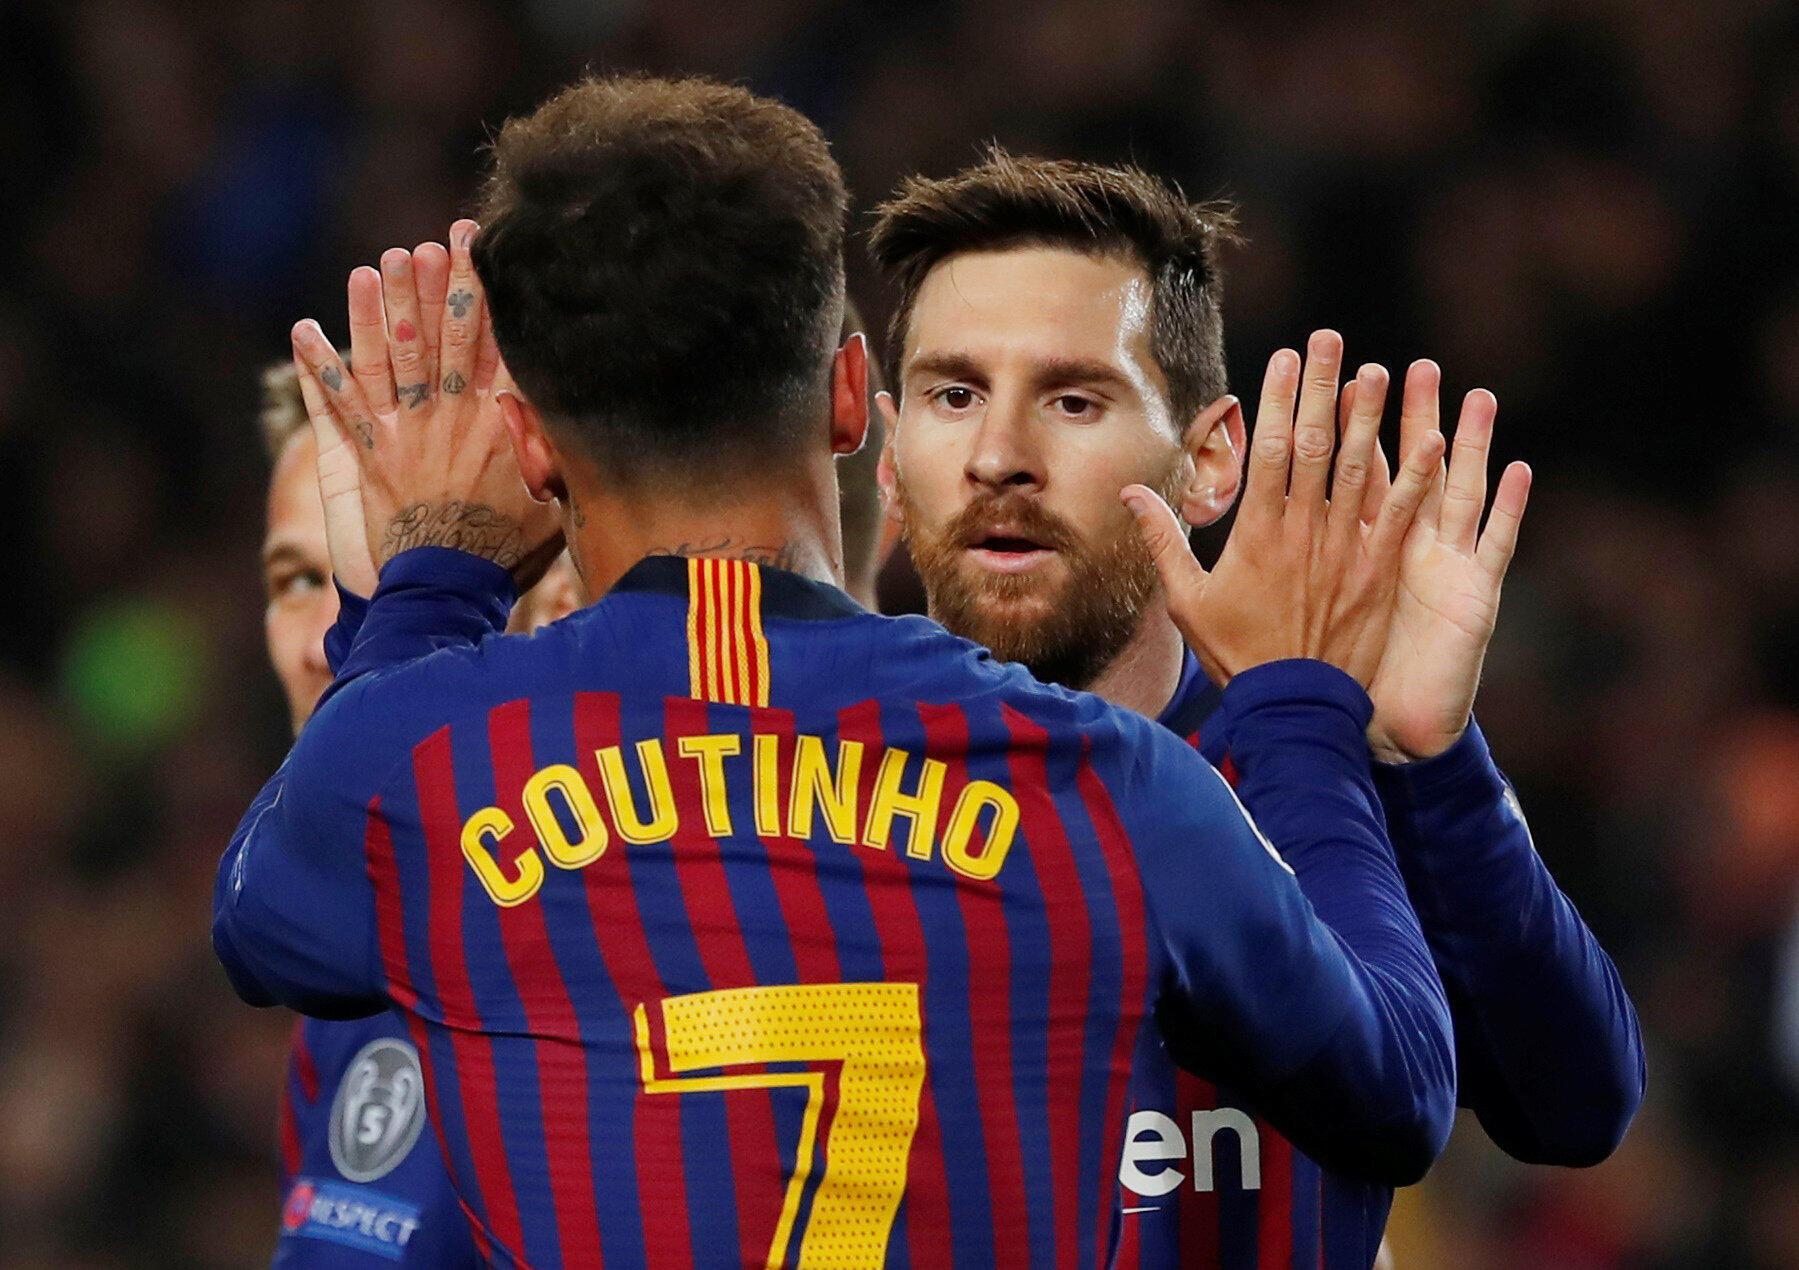 O Brasileiro Philippe Coutinho, com um golo, e o Argentino Lionel Messi, com dois tentos, participaram no triunfo por 5-1 do FC Barcelona frente ao Lyon.